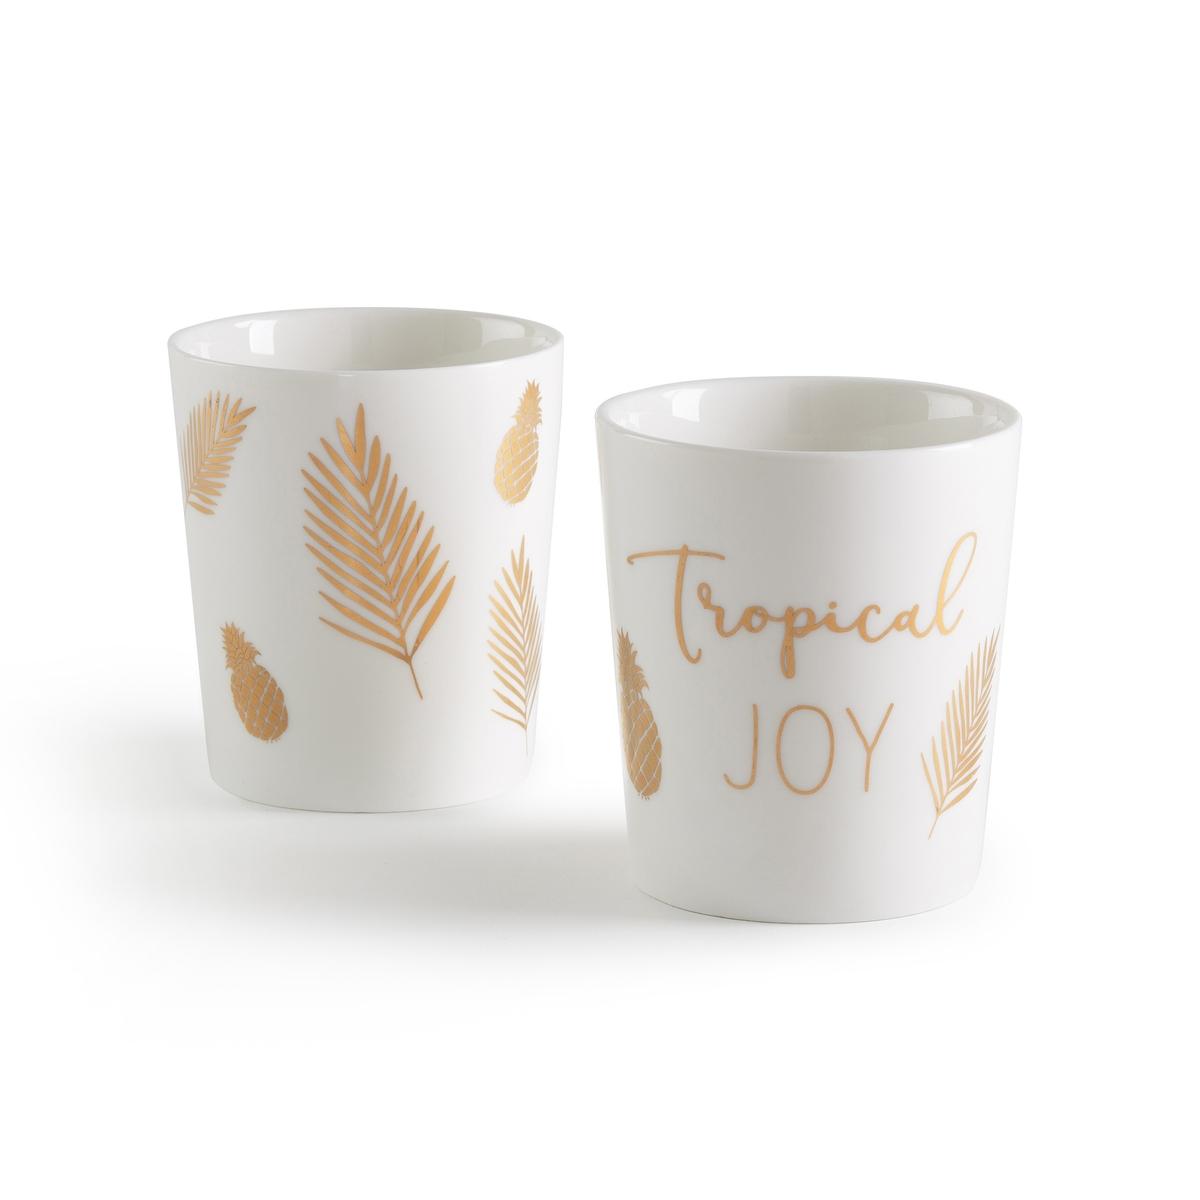 2 чашки в коробке REZIALОписание:2 чашки в коробке La Redoute Interieurs : надпись tropical joy и рисунок листья золотистого цвета. Характеристики 2 чашек •  НадписьTropical Joy и рисунокПодходит для мытья в посудомоечной машине   • Не подходит для микроволновой печи Размеры чашек : •  Диаметр : 7,8 см  •  Высота : 8,9 смВсю коллекцию столового декора вы найдете на сайте laredoute.ru<br><br>Цвет: белый